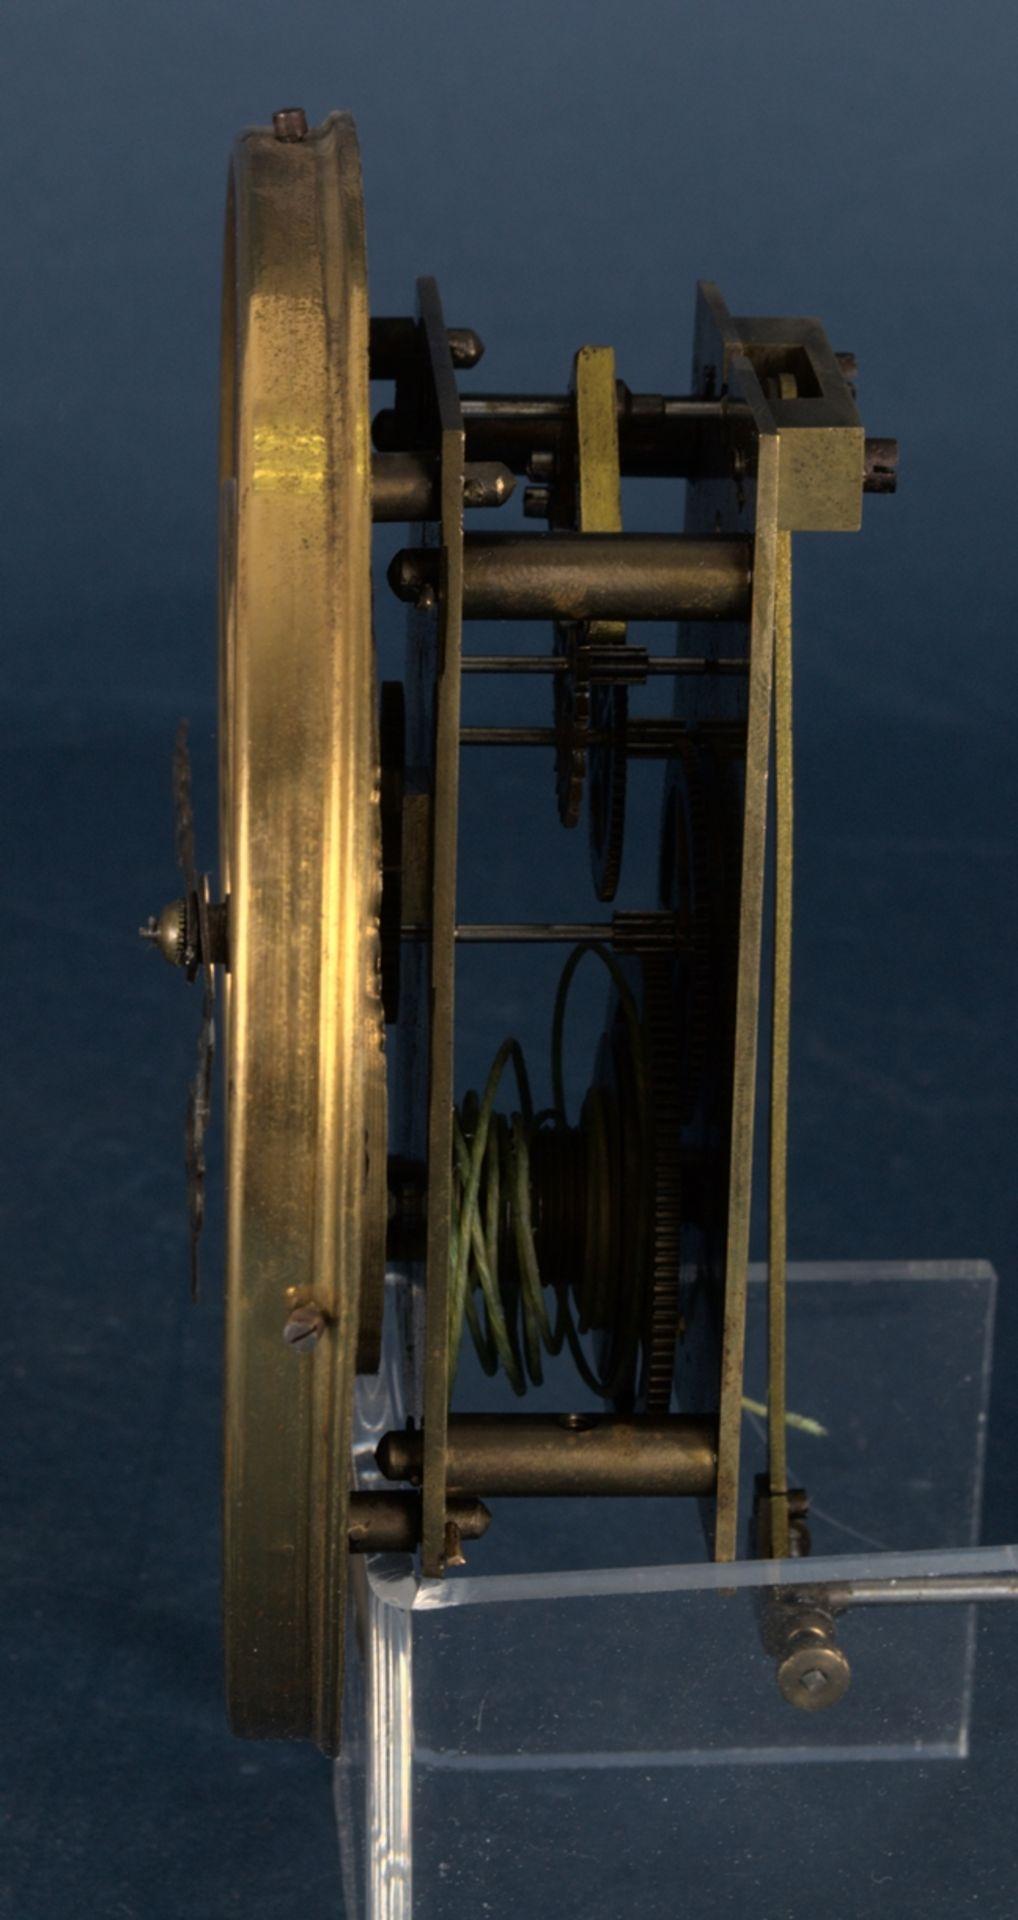 Wandregulator, eingewichtige, mechanische Wanduhr im Nussbaumgehäuse. Werk ungeprüft. Höhe ca. 95 - Bild 9 aus 19